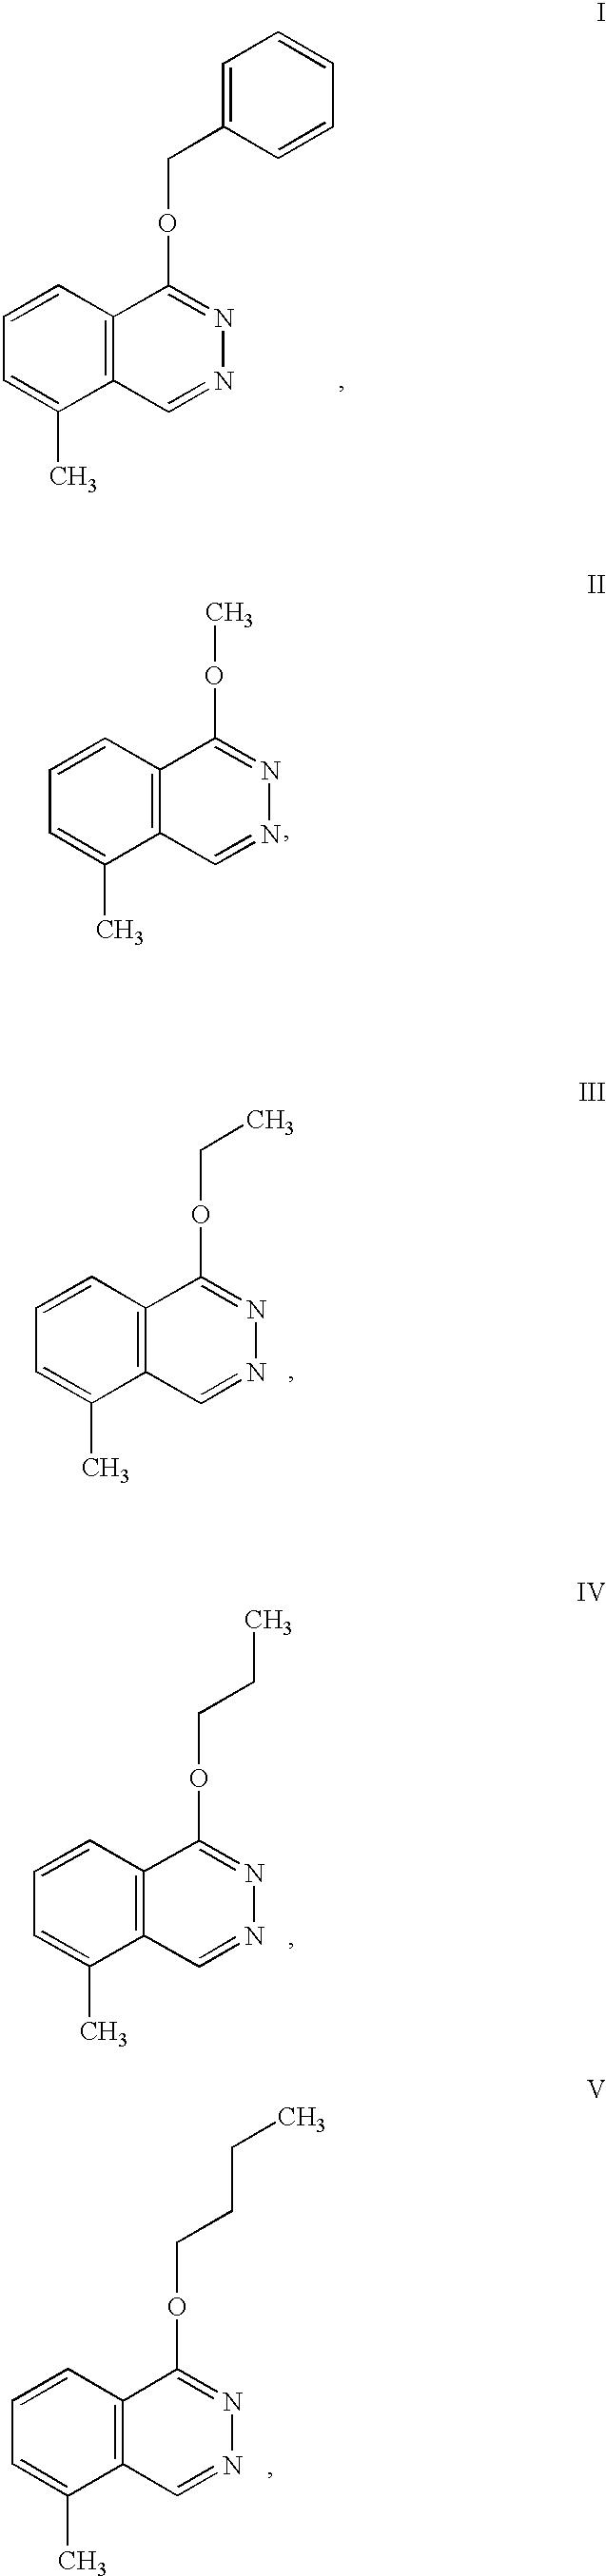 Figure US06426415-20020730-C00018